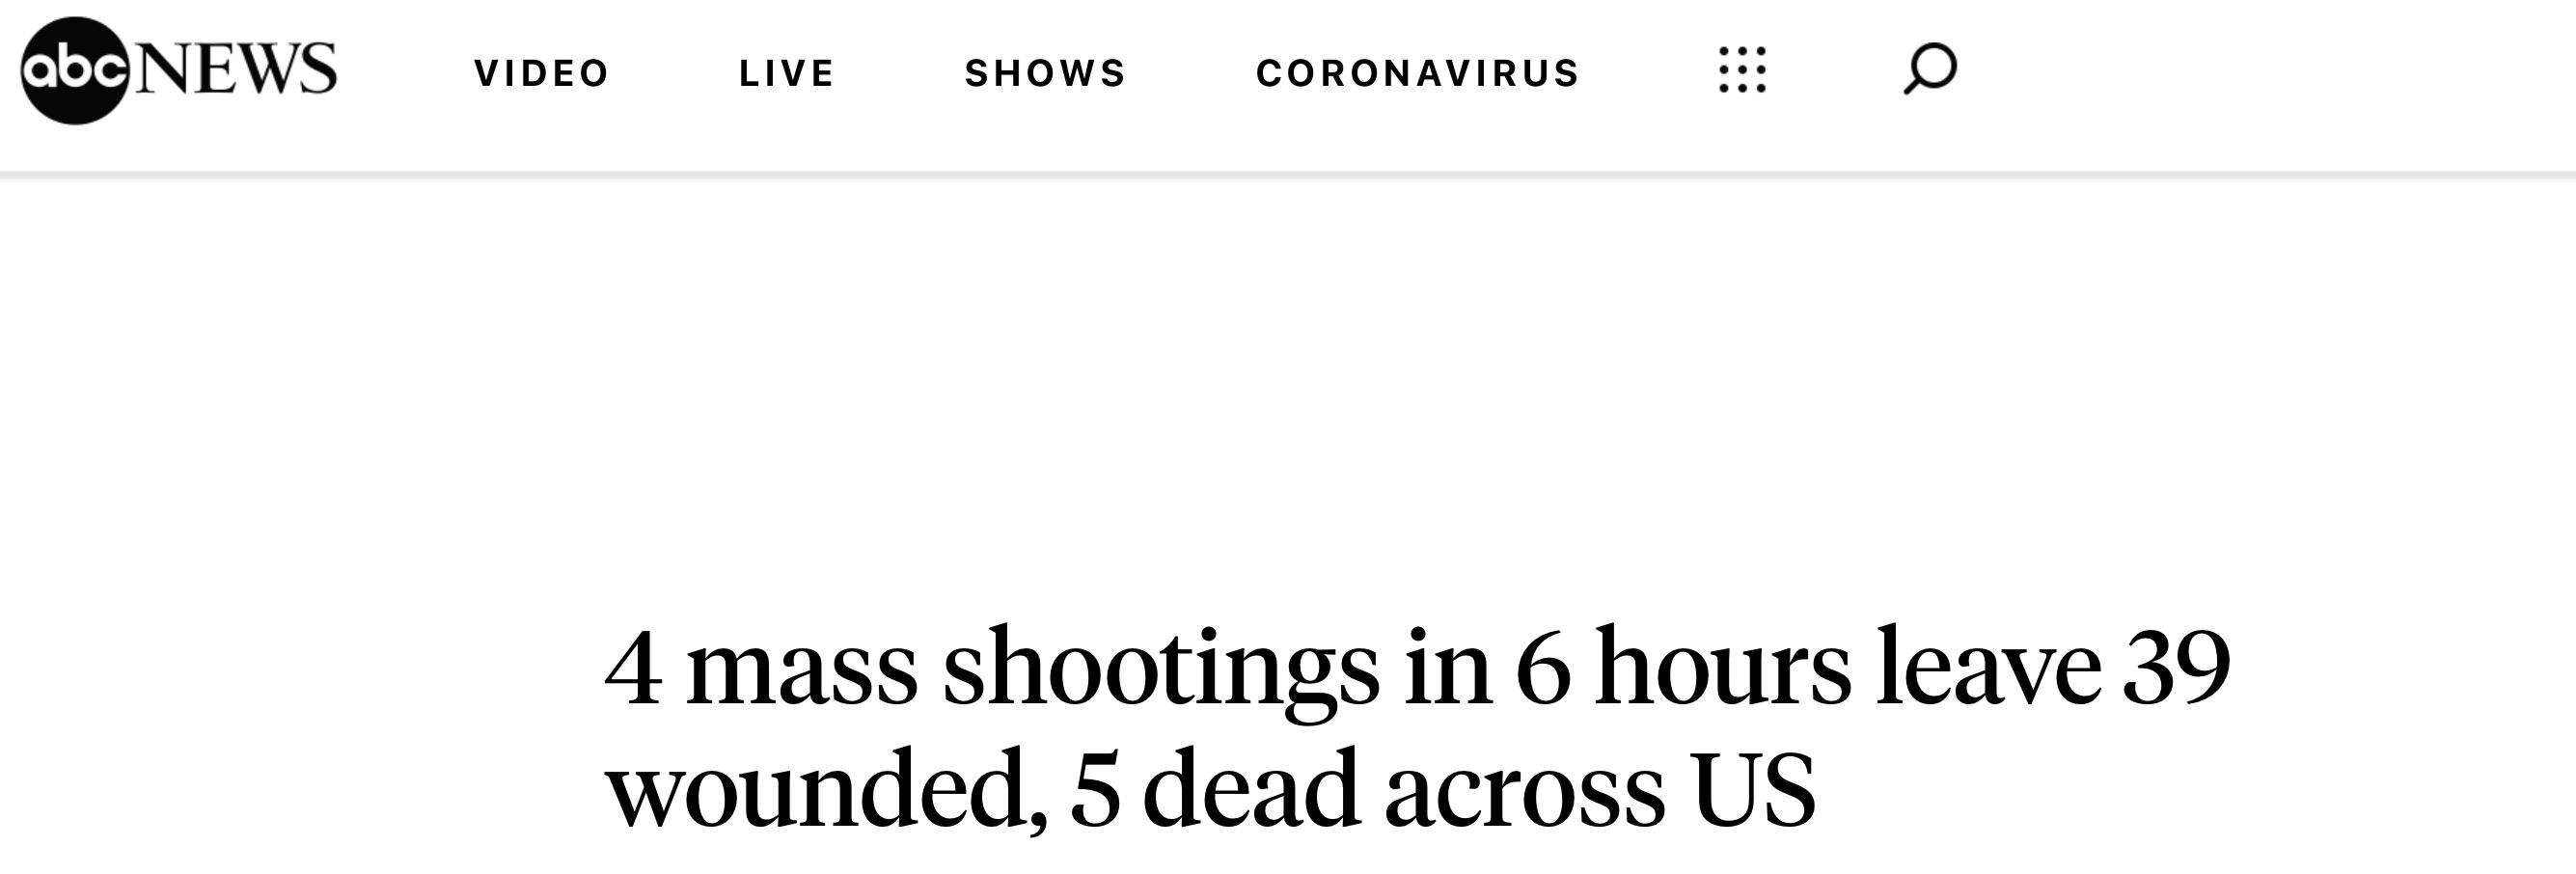 惊险!外媒:全美6小时内发生4起大型枪击案,致5死39伤